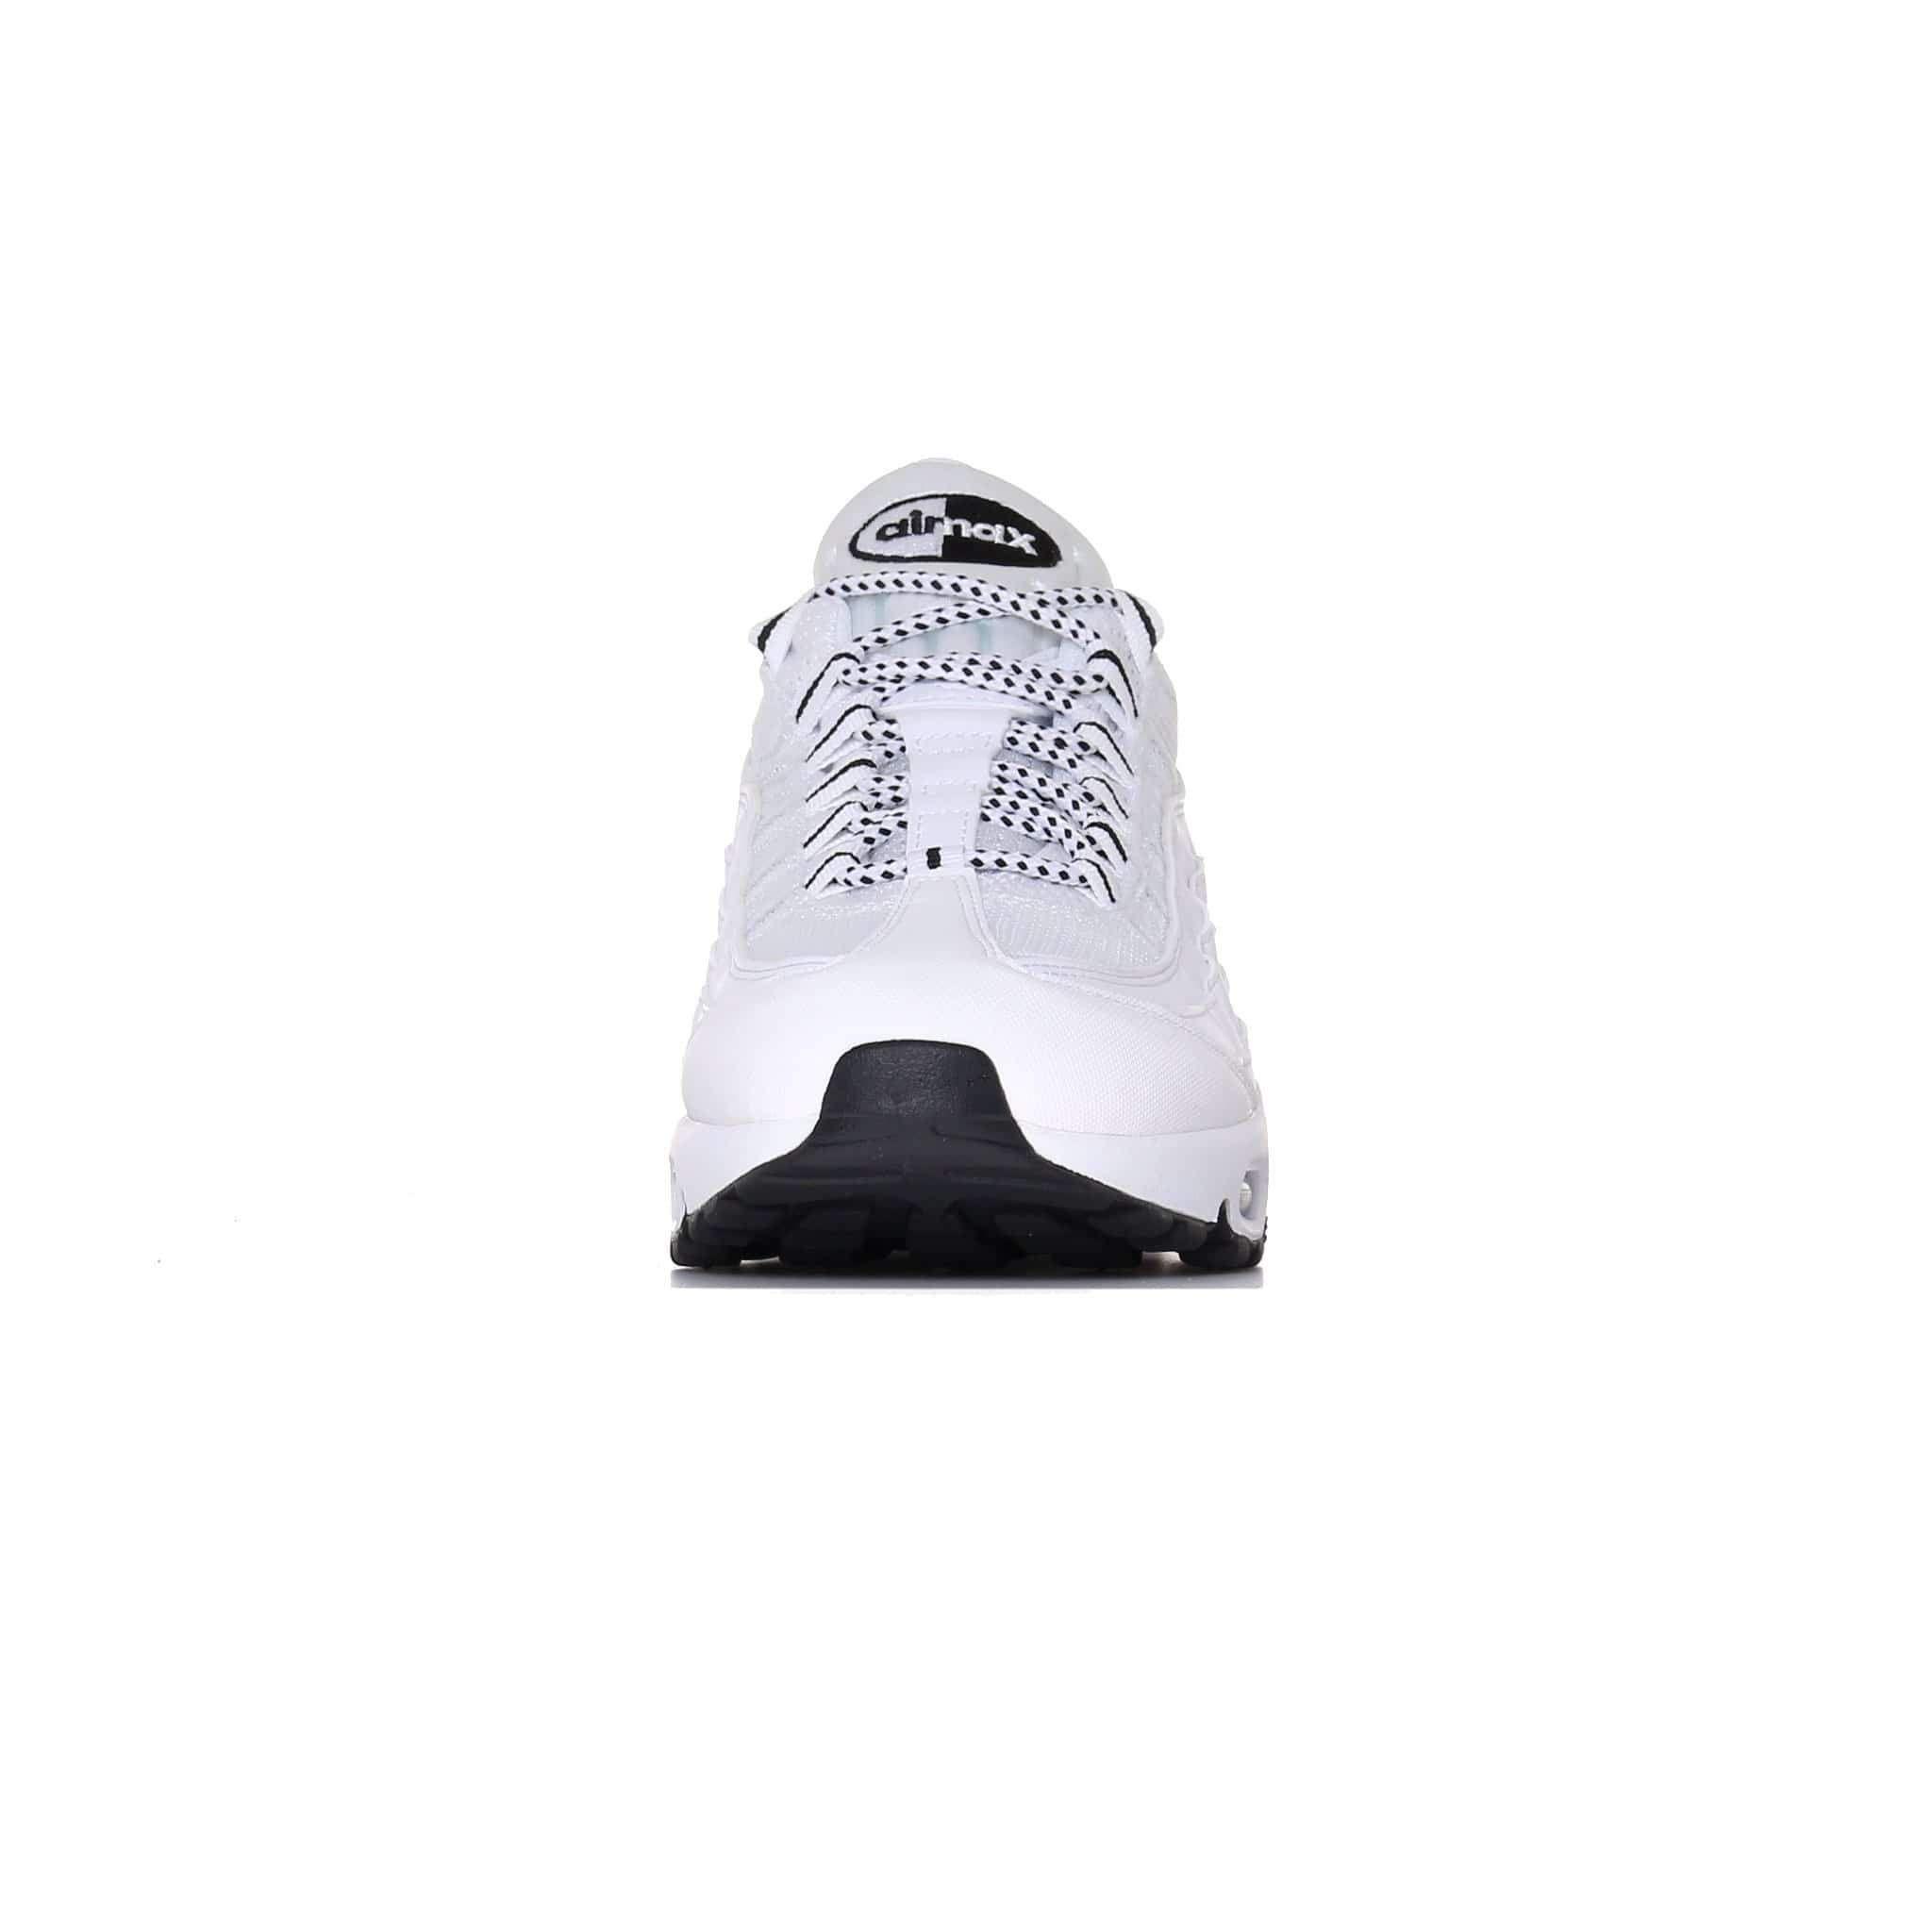 Amazon.co.uk: Nike Air Max 95 White